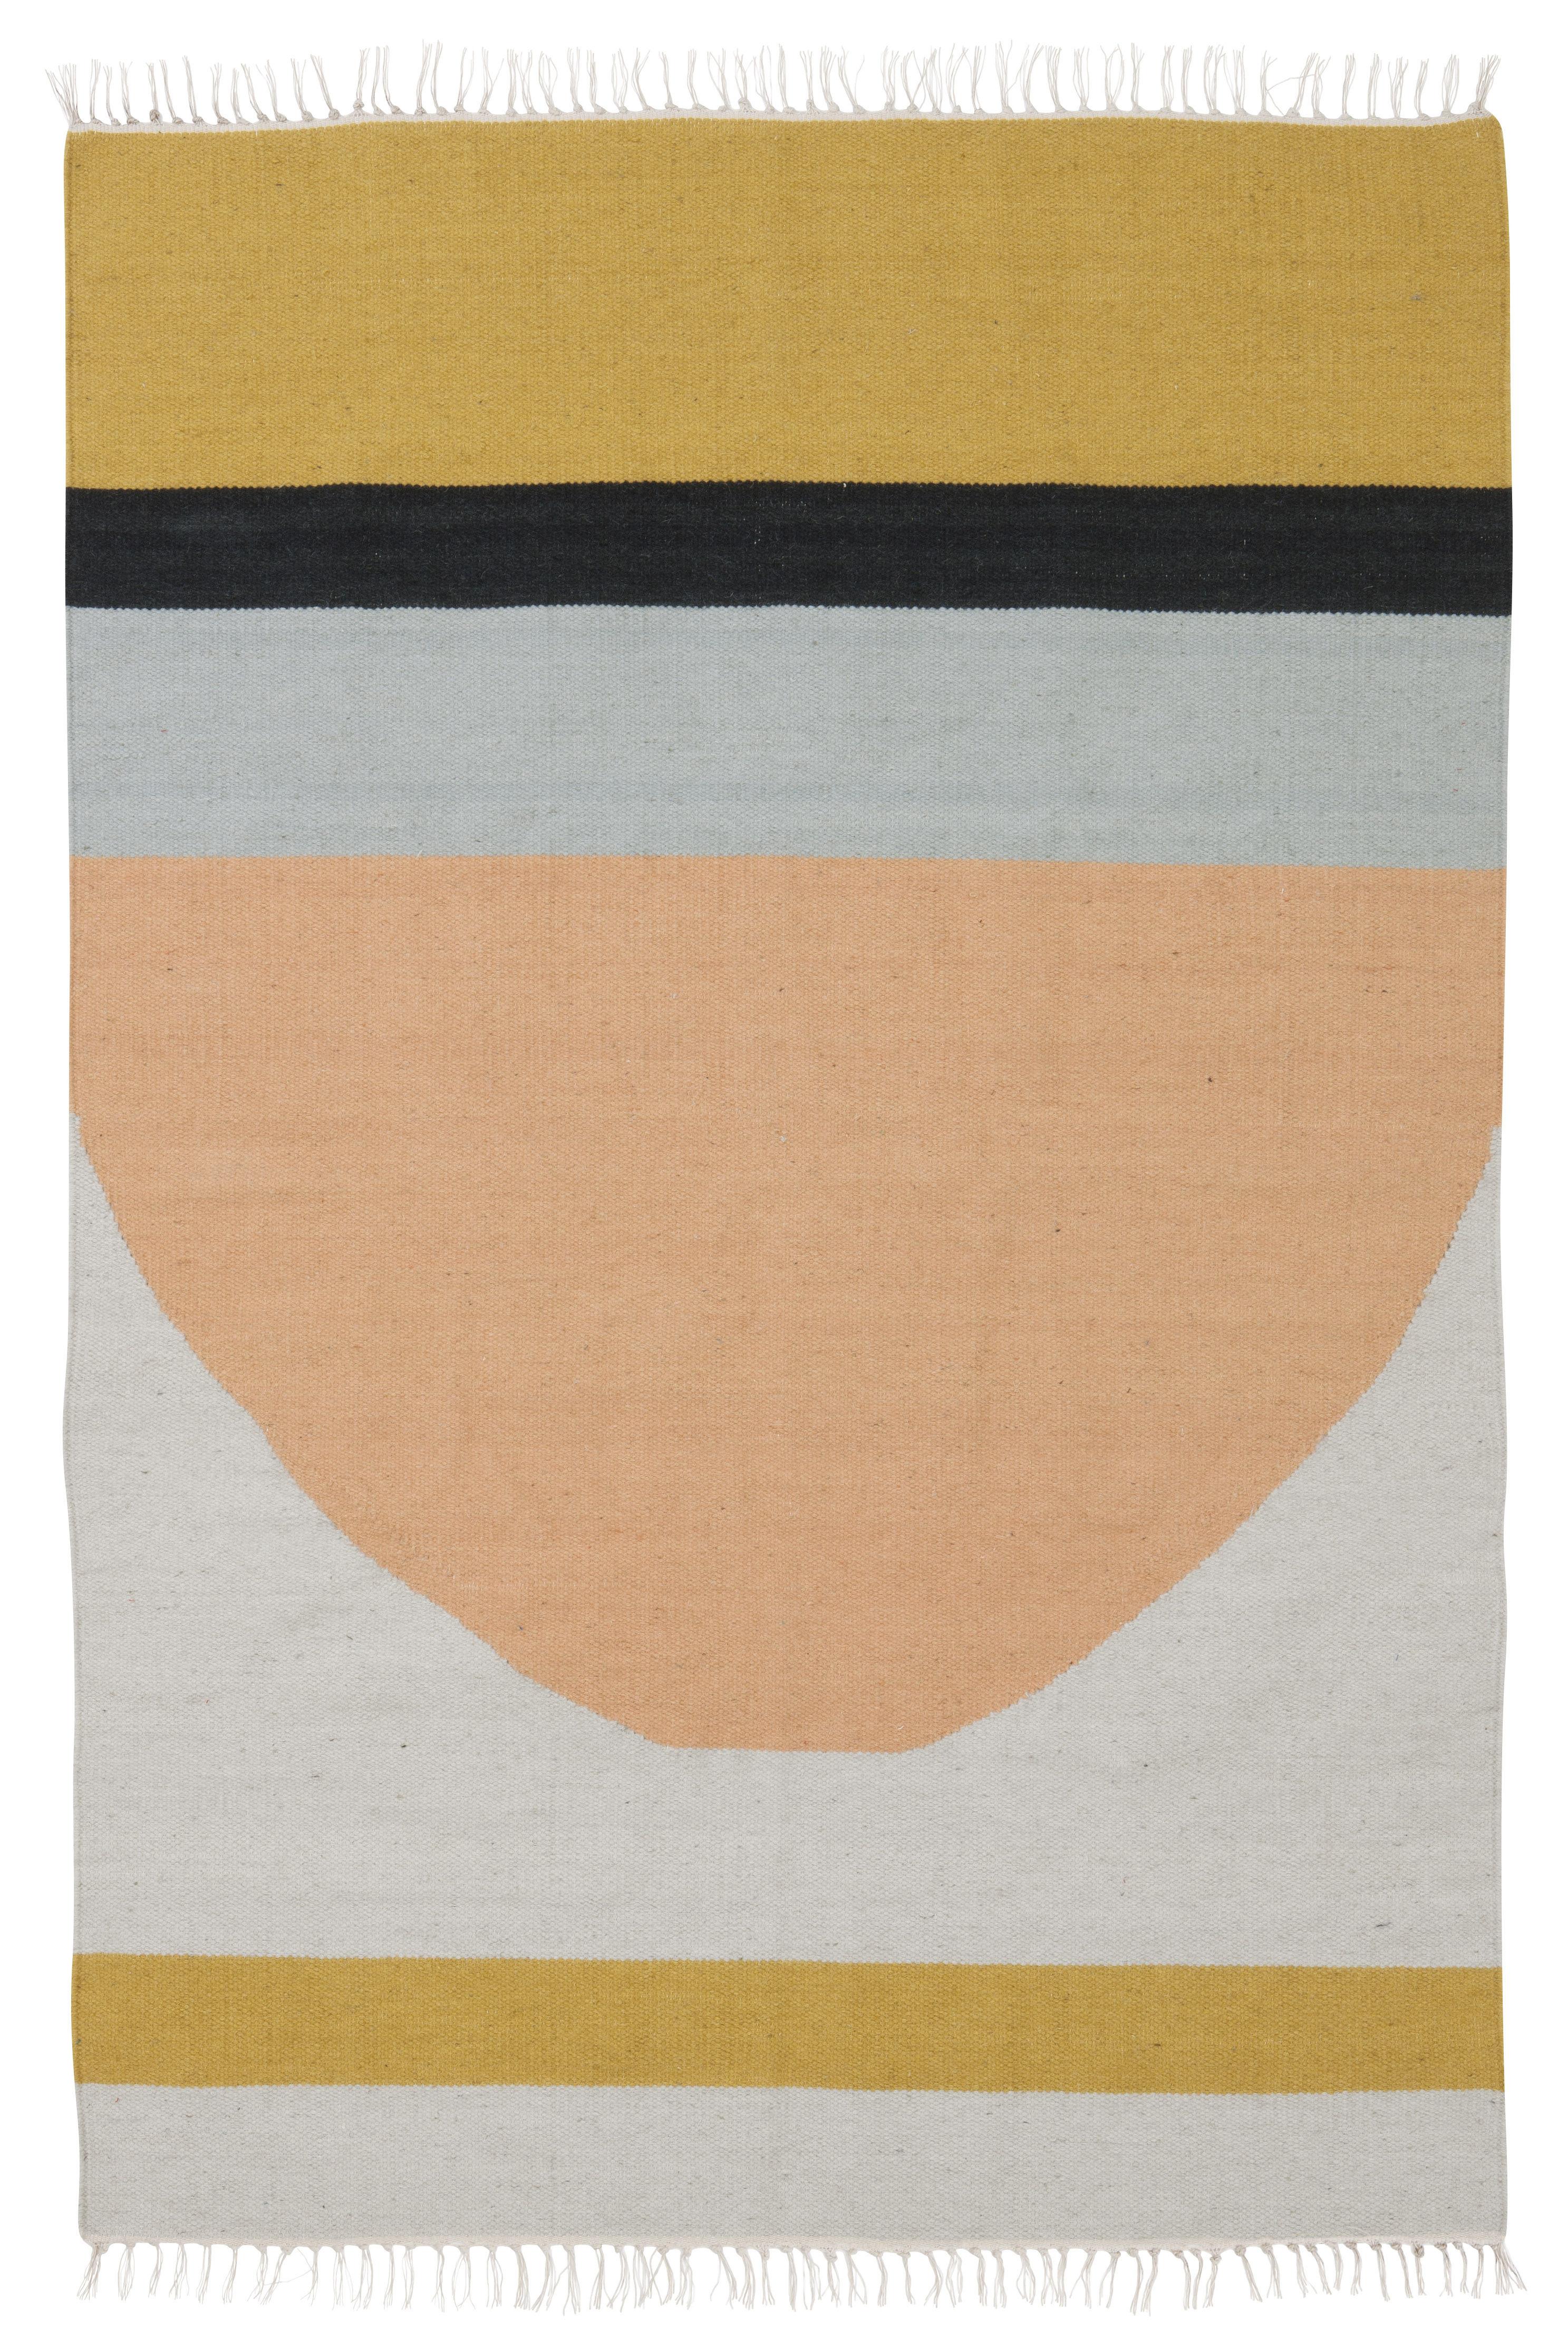 Interni - Tappeti - Tappeto Kelim Semi Circle - / 200 x 140 cm di Ferm Living - Cerchi / Multicolore - Cotone, Lana